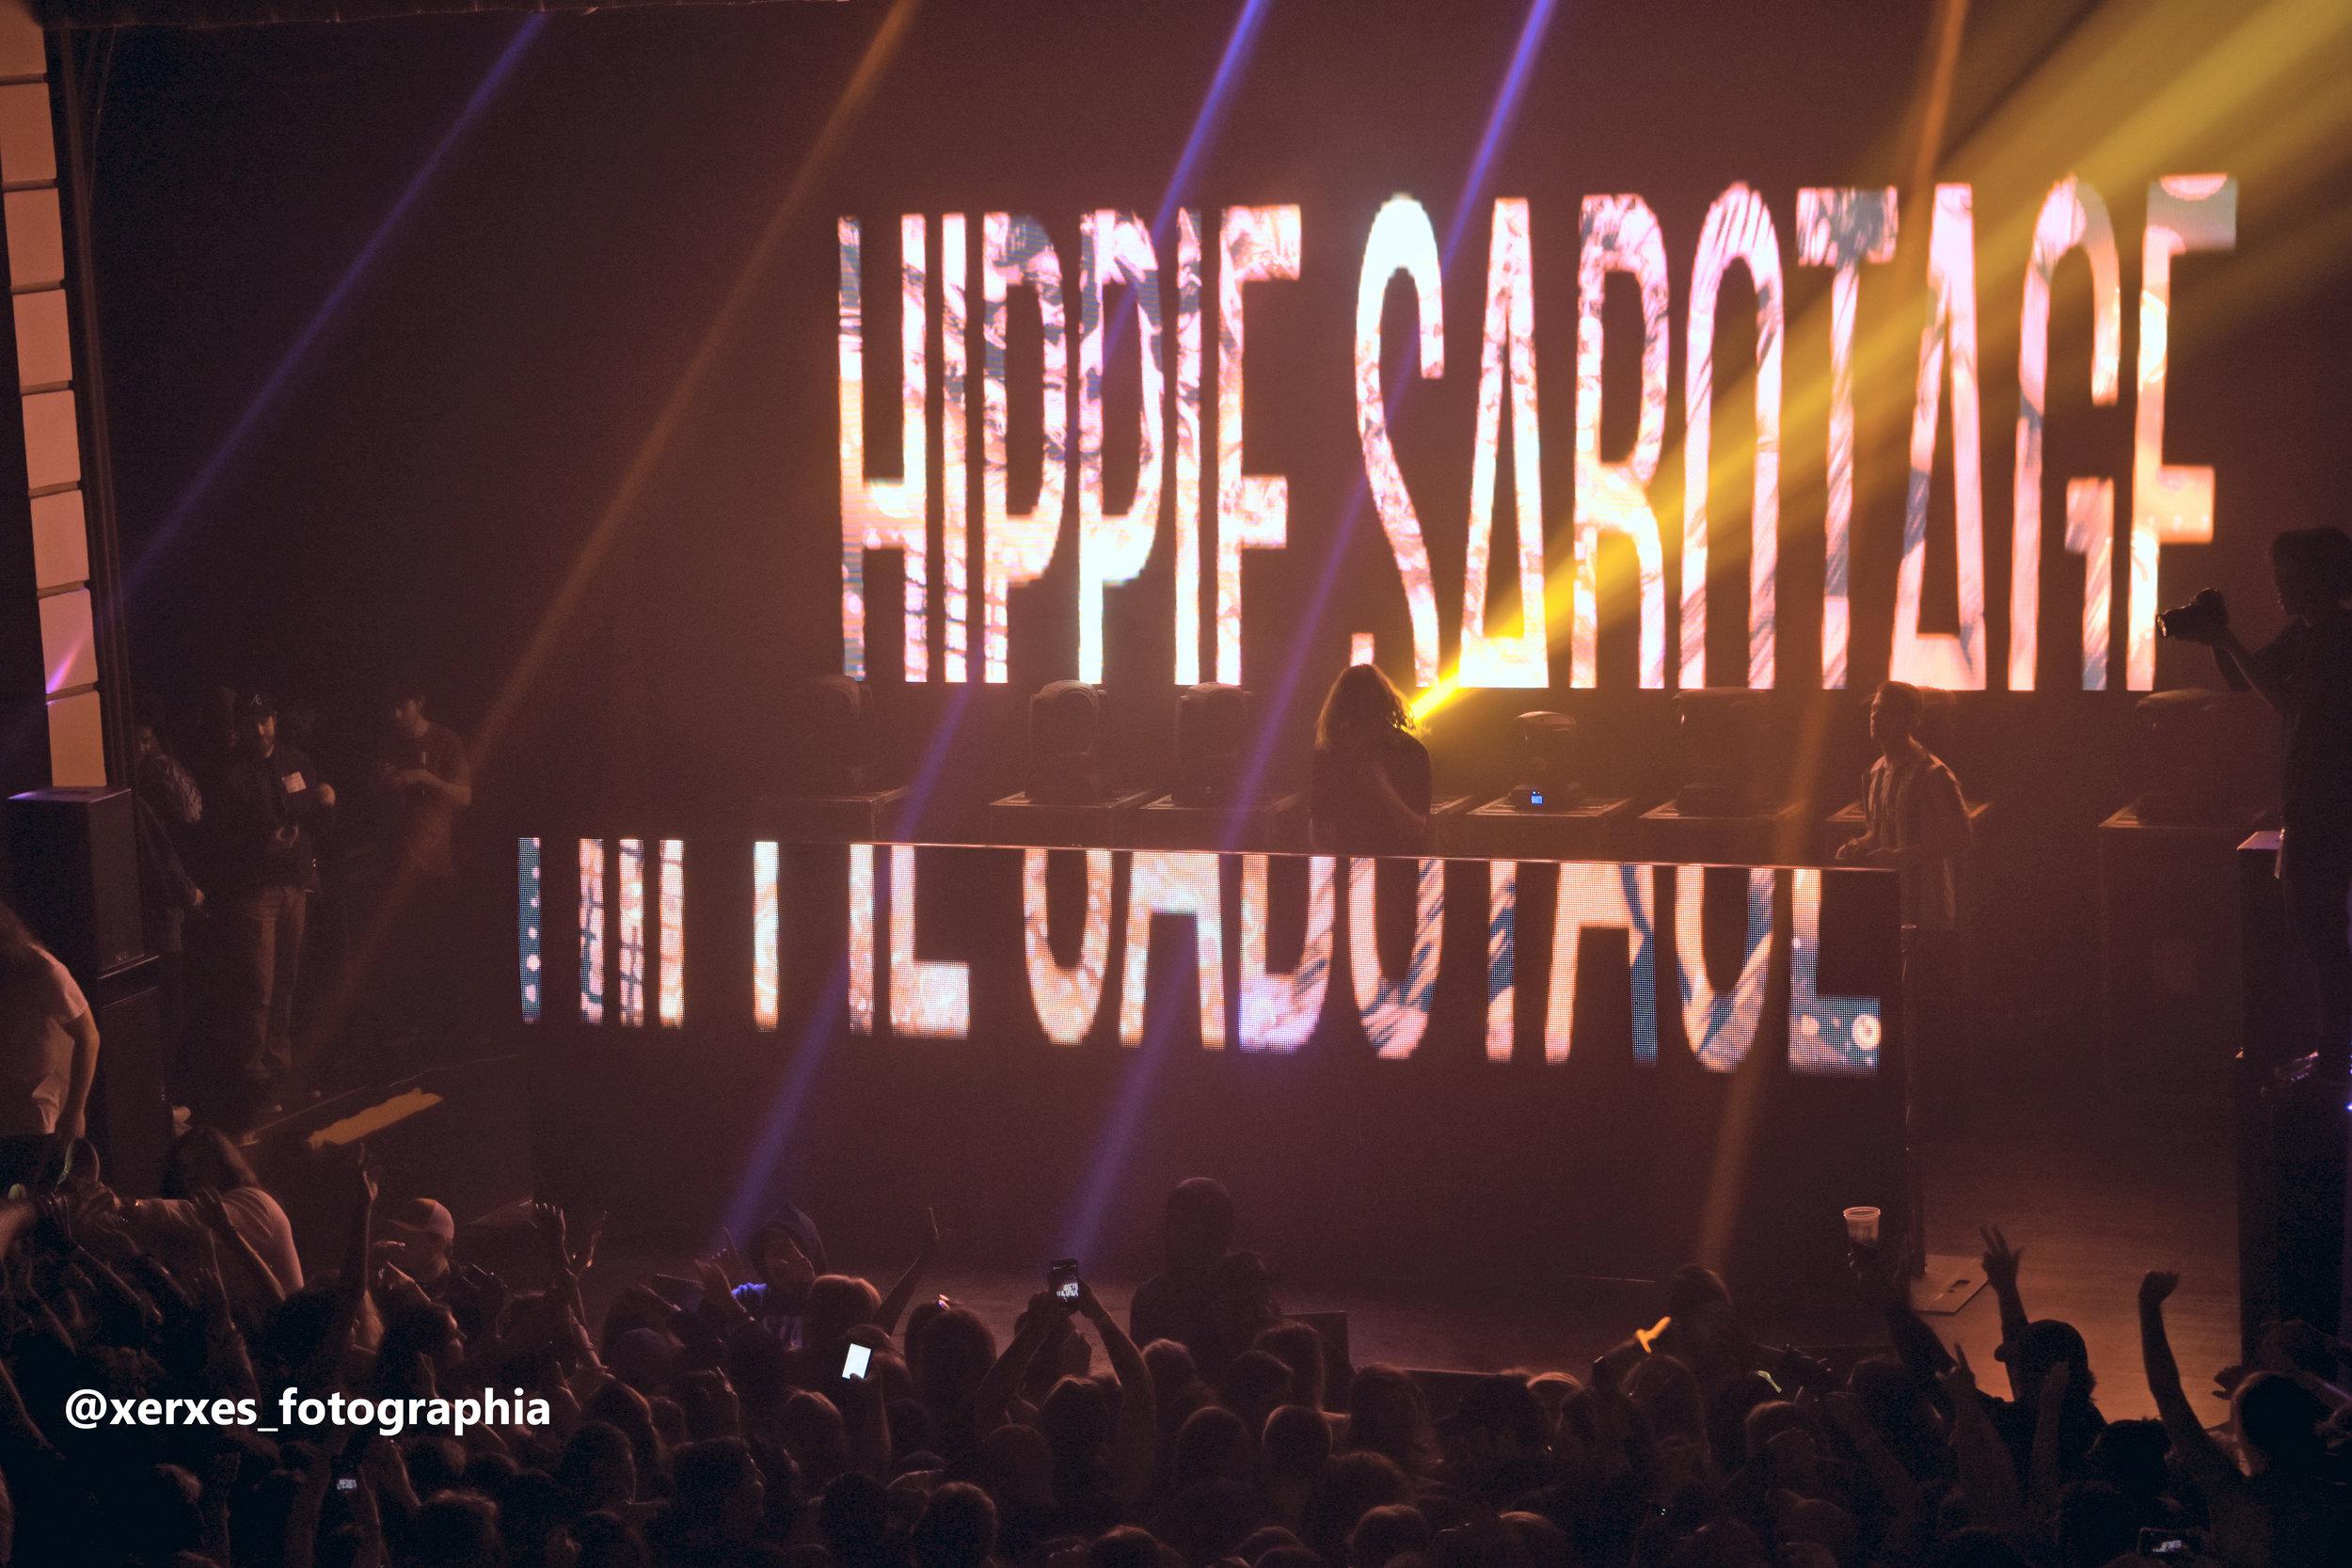 hippie-sabotage-250.jpg